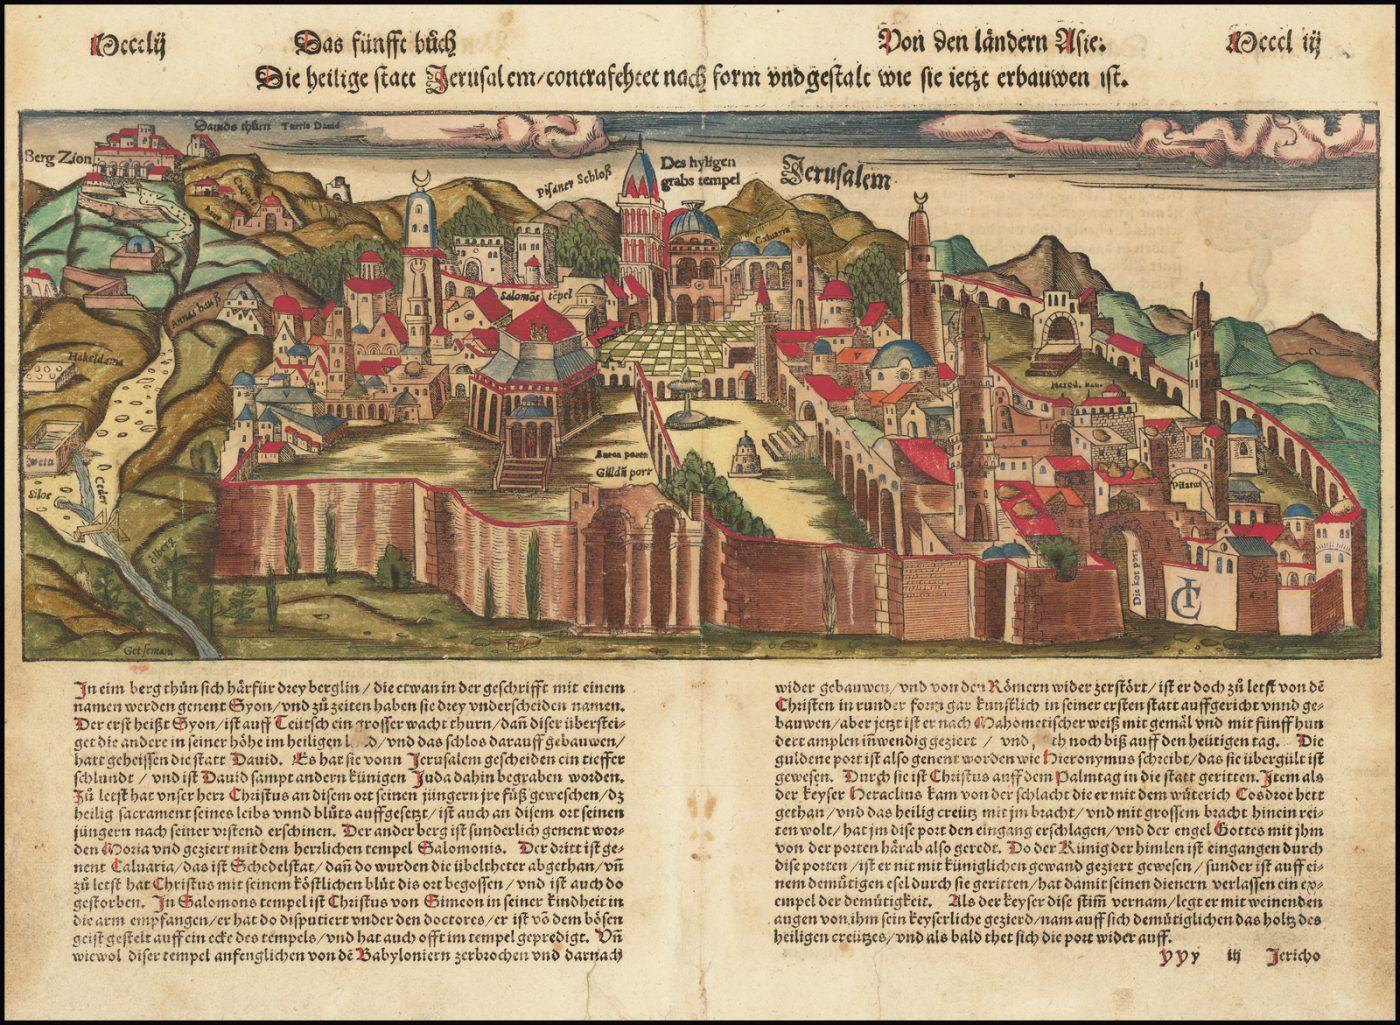 Прекрасный вид Иерусалима шестнадцатого века из очень влиятельной работы Мюнстера